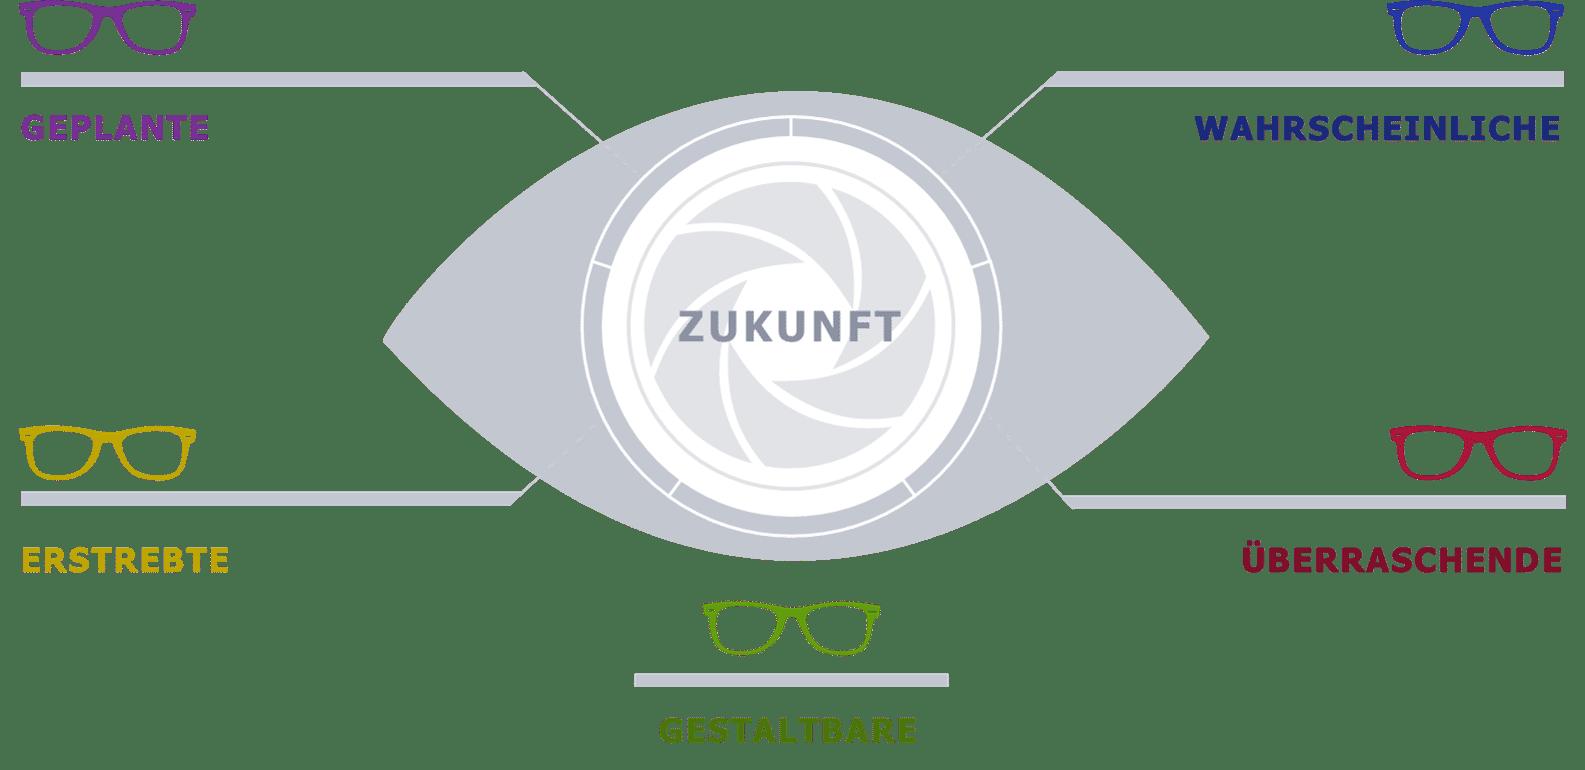 Eltviller Modell für Zukunftsmanagement